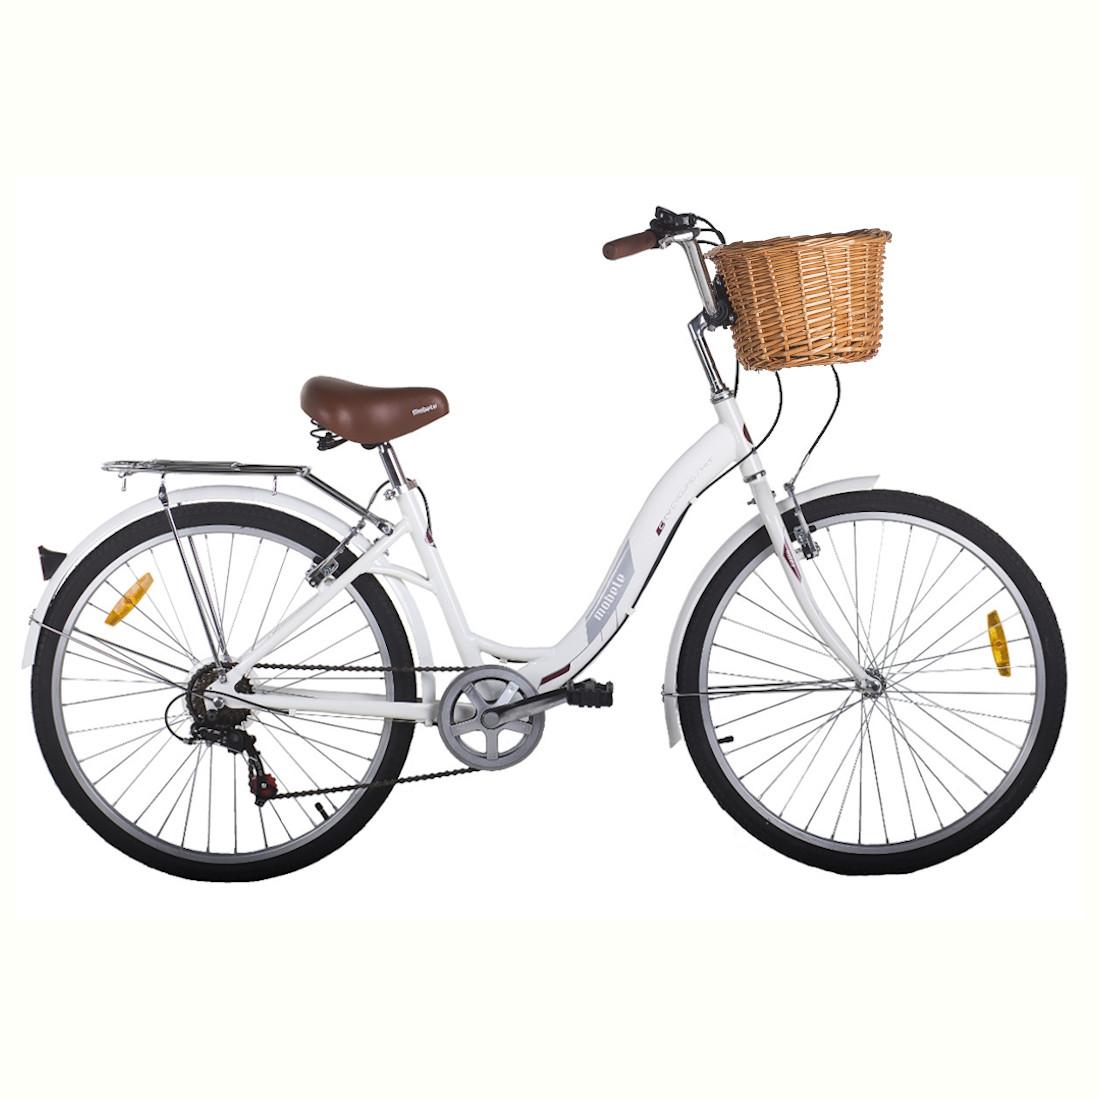 Bicicleta Vintage Retrô Aro 26 7V Branca Hit City Mobele com Cestinha